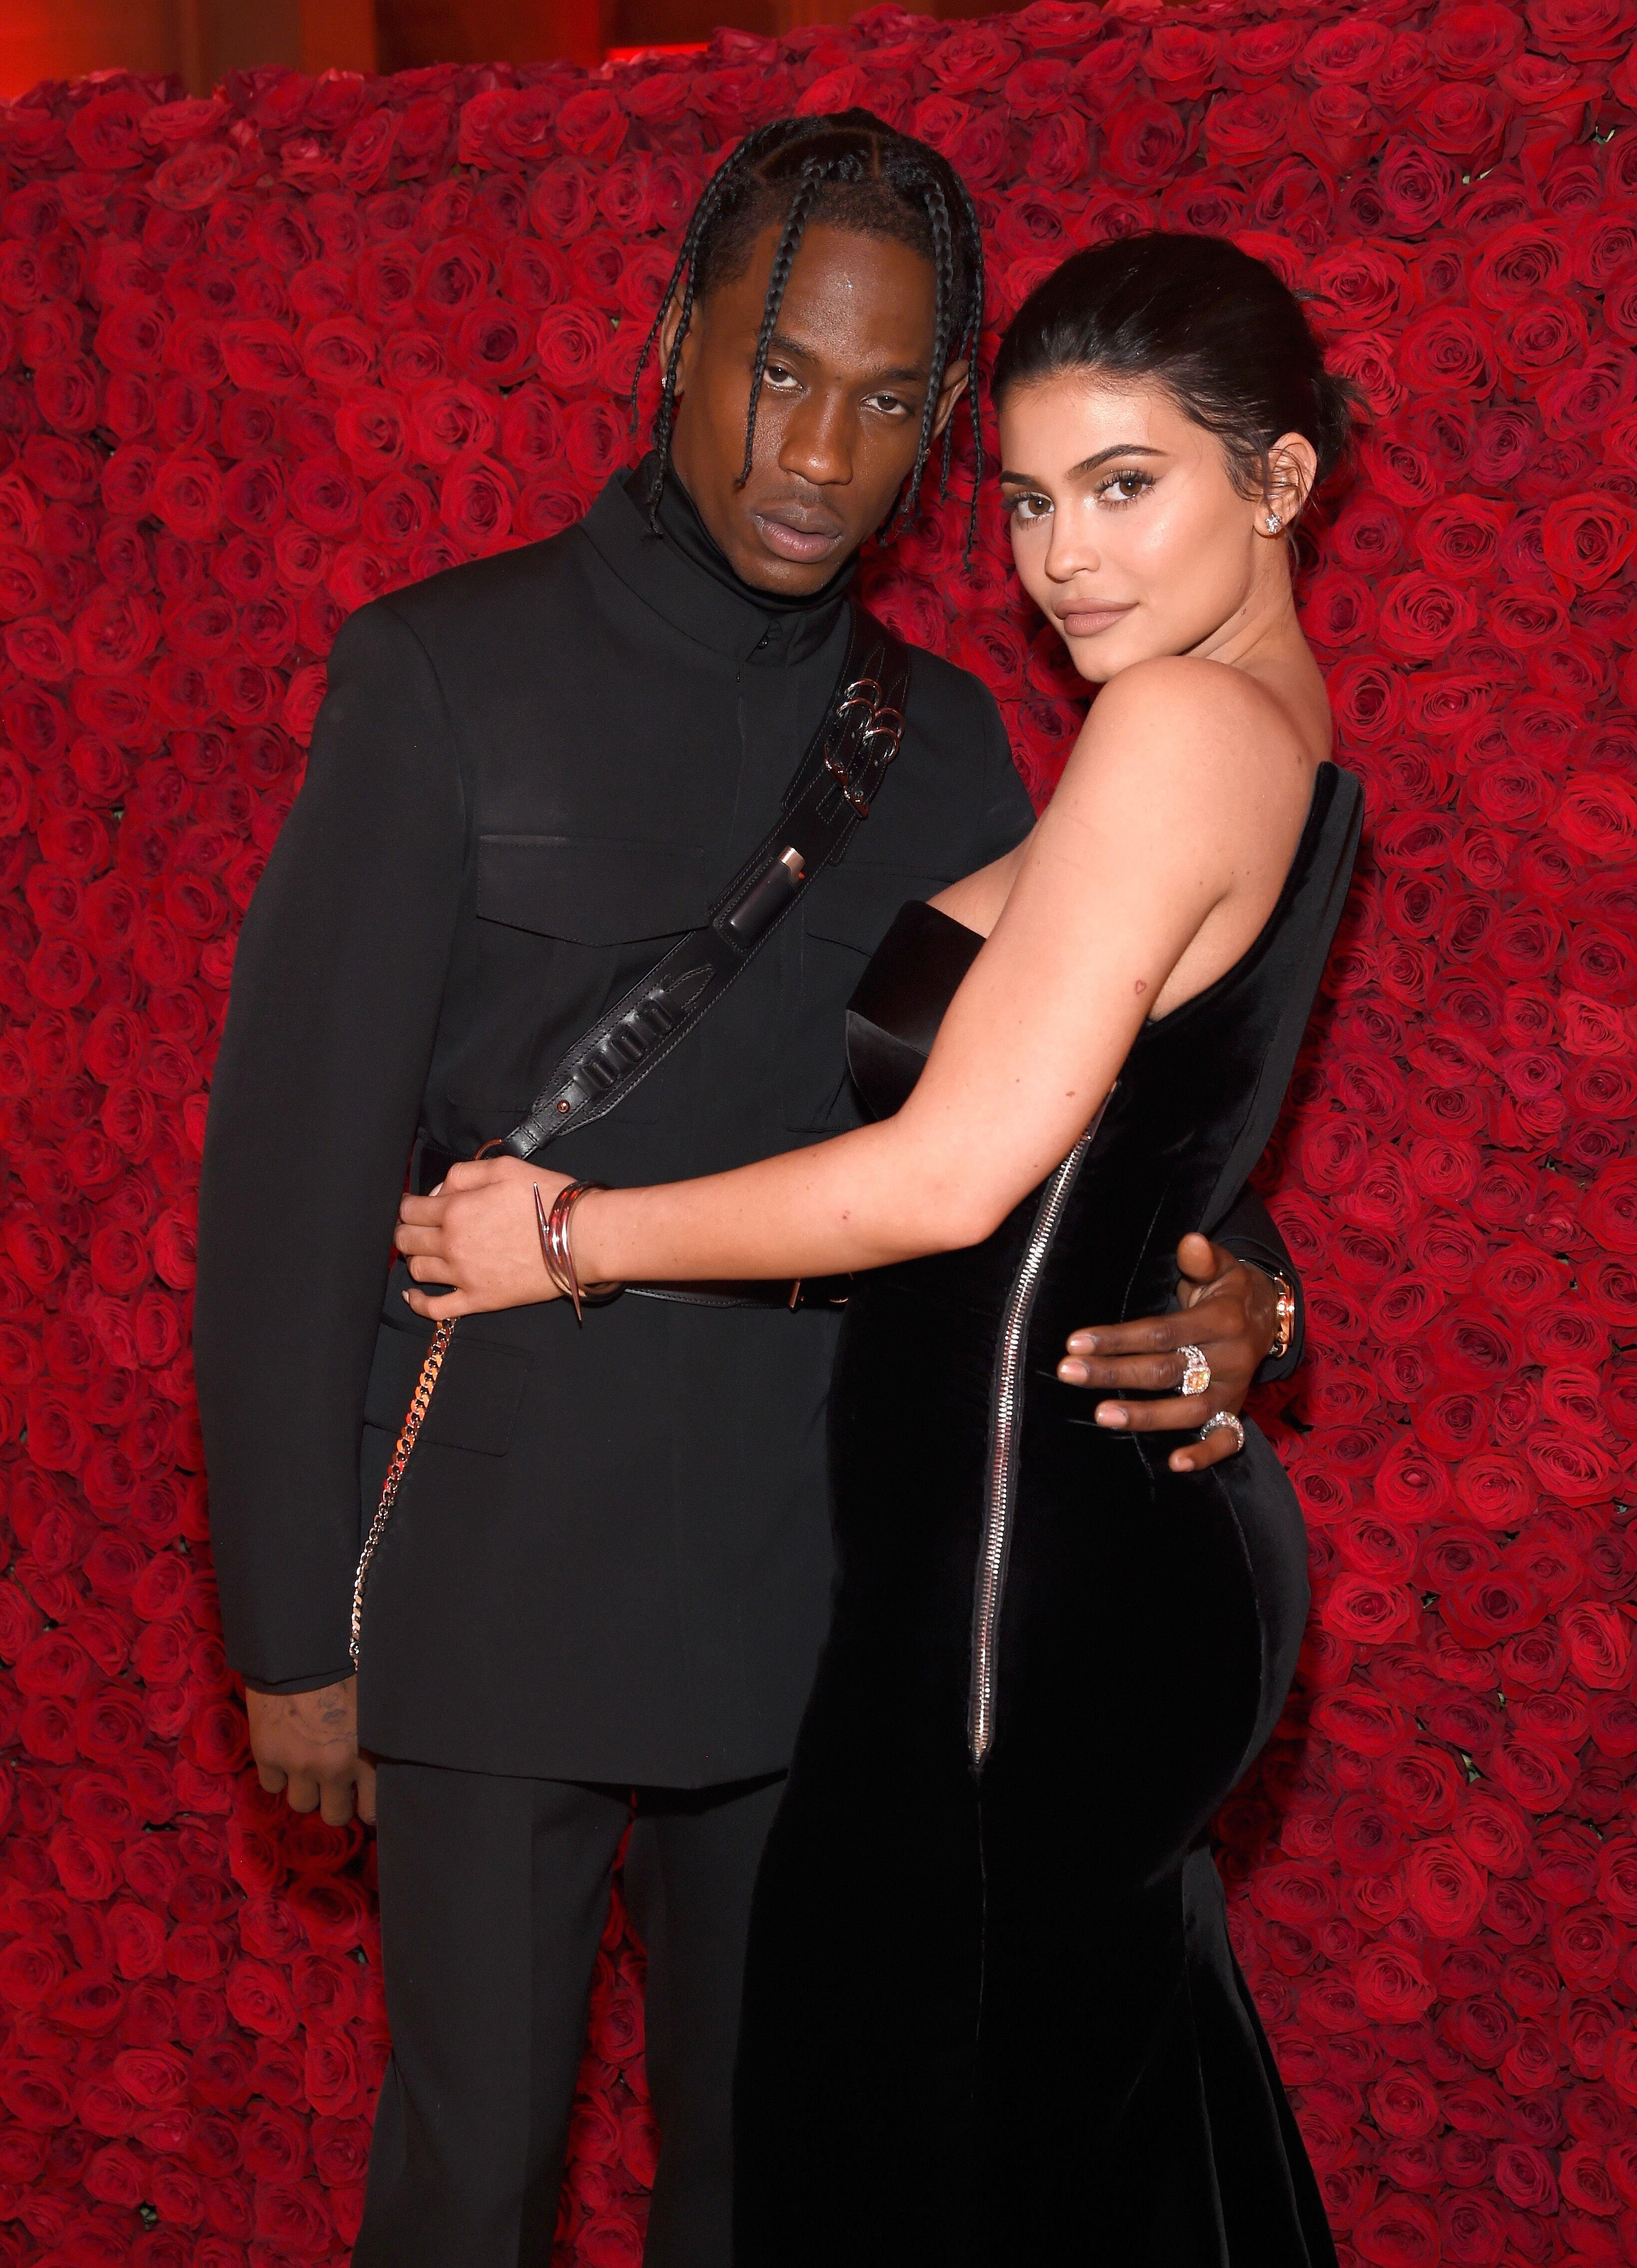 Travis Scott aux côtés de Kylie Jenner. l Source : Getty Images